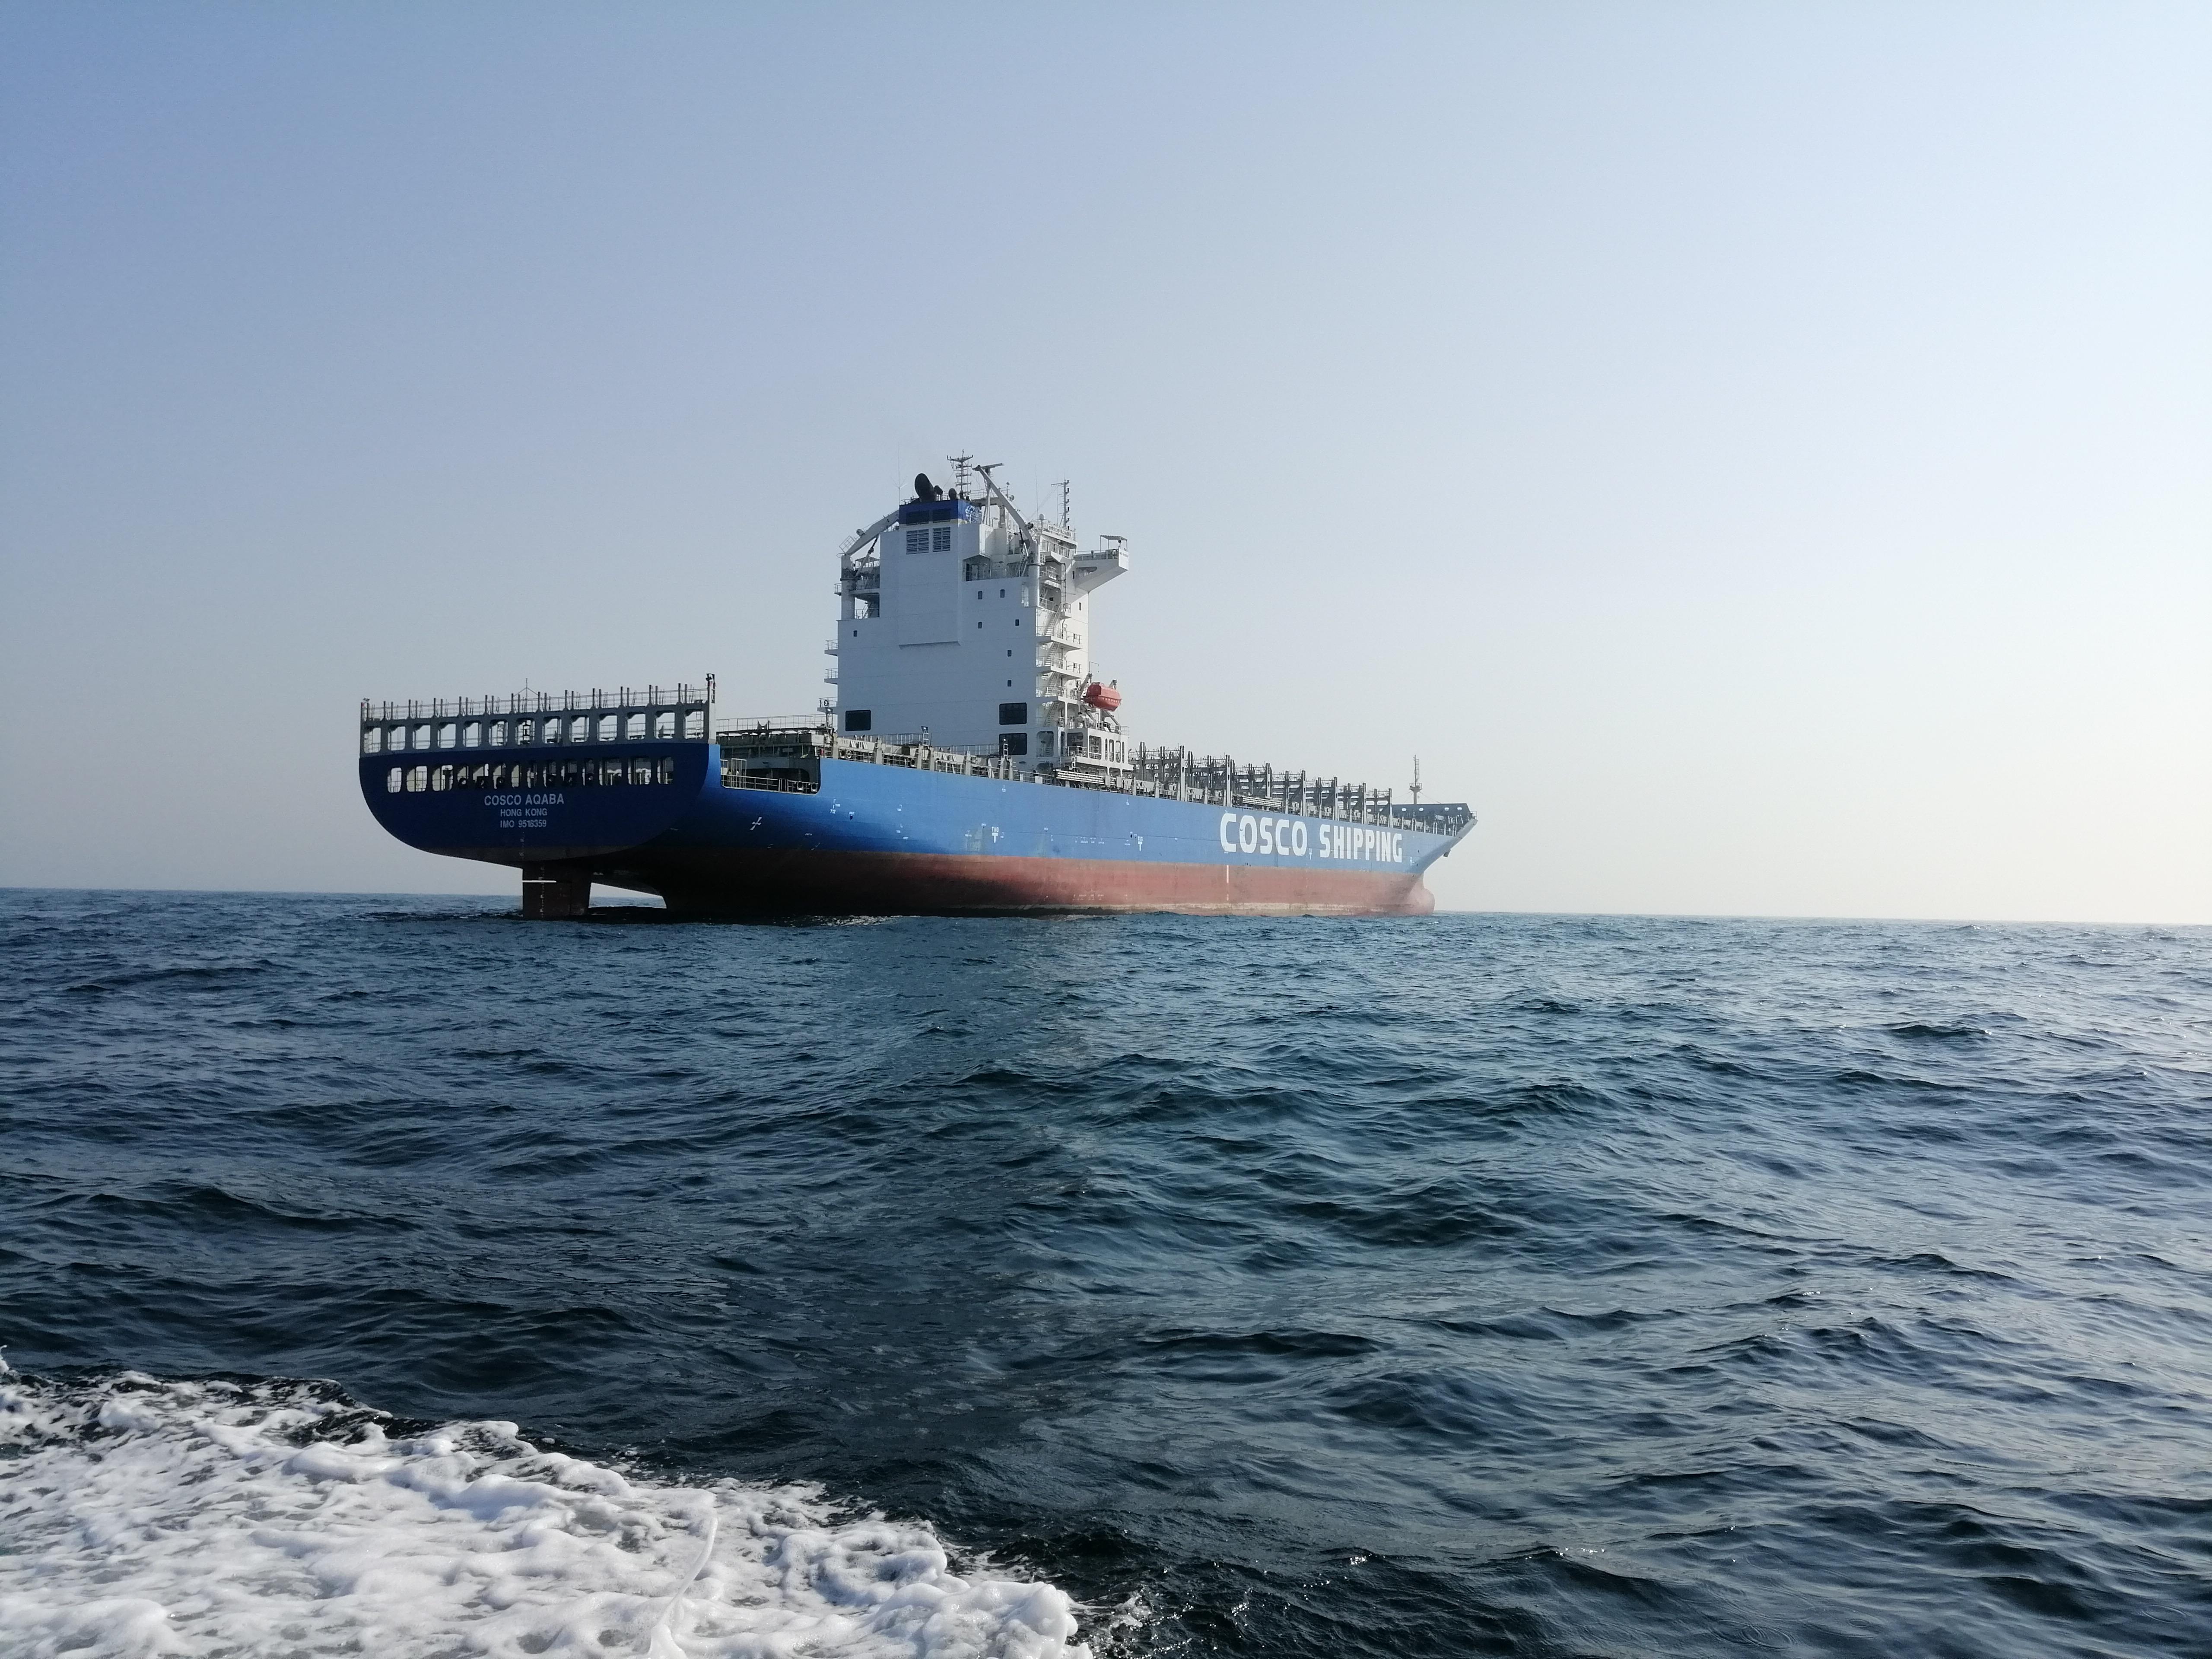 Valmet toimittaa pakokaasujen puhdistusjärjestelmiä (pesureita) kymmeneen COSCO SHIPPING Lines Co., Ltd. -varustamon rahtialukseen. Pesurit asennetaan jo liikenteessä oleviin aluksiin Kiinassa vuoden 2019 aikana. Projekti toteutetaan yhdessä Health Lead Development Ltd. -yhtiön kanssa.